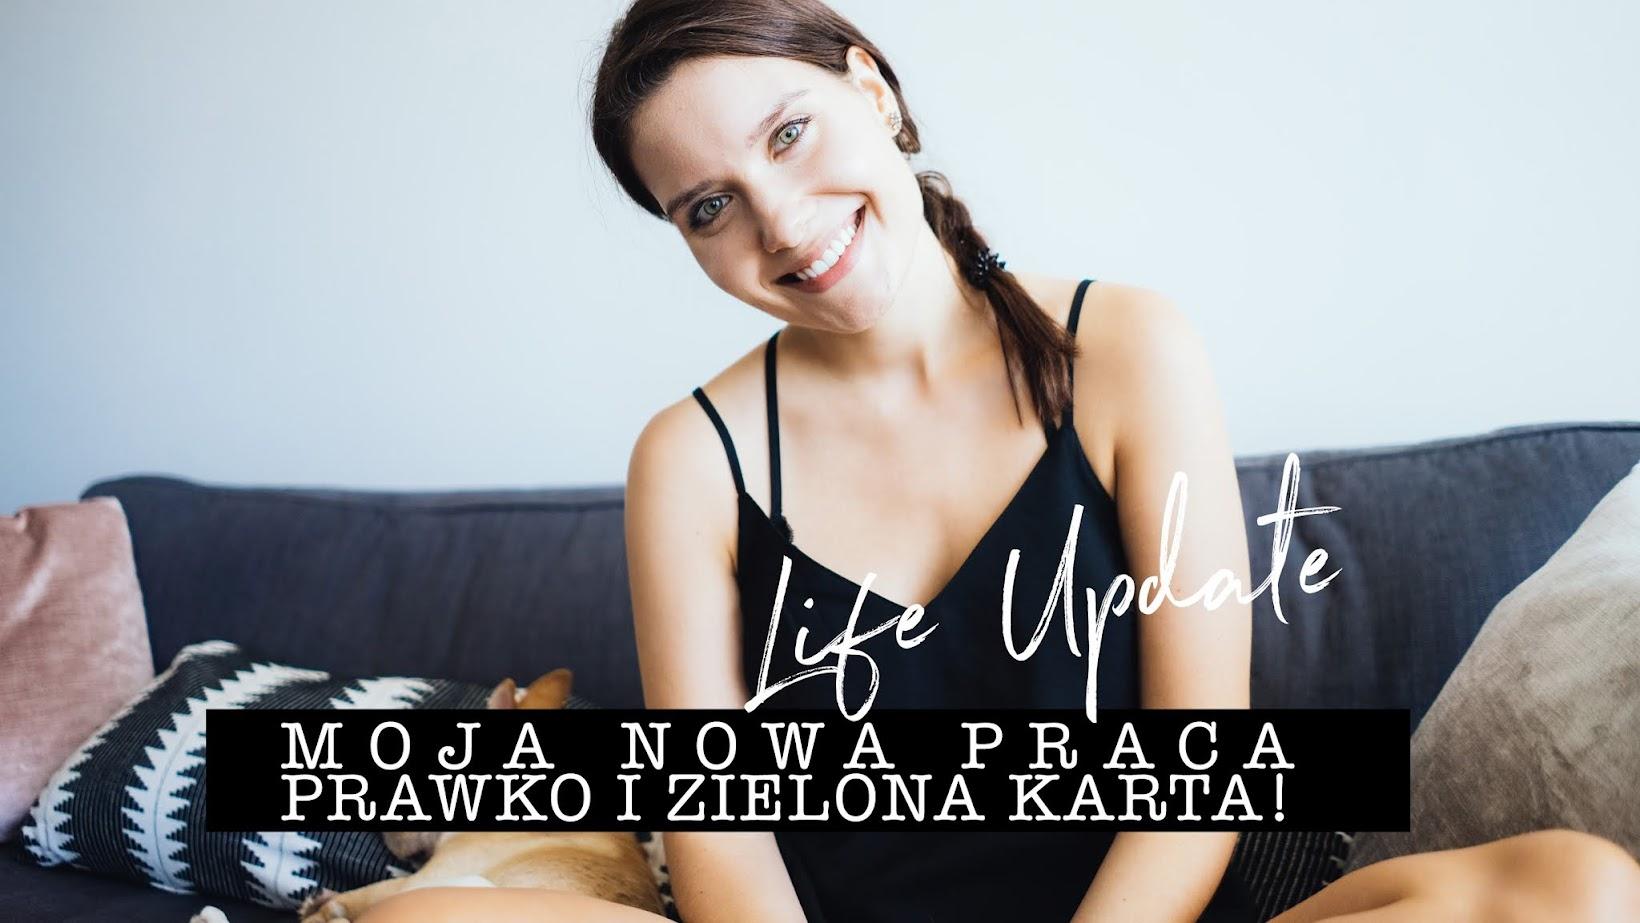 LIFE UPDATE // Zielona Karta, Prawo Jazdy, Nowa Praca?!